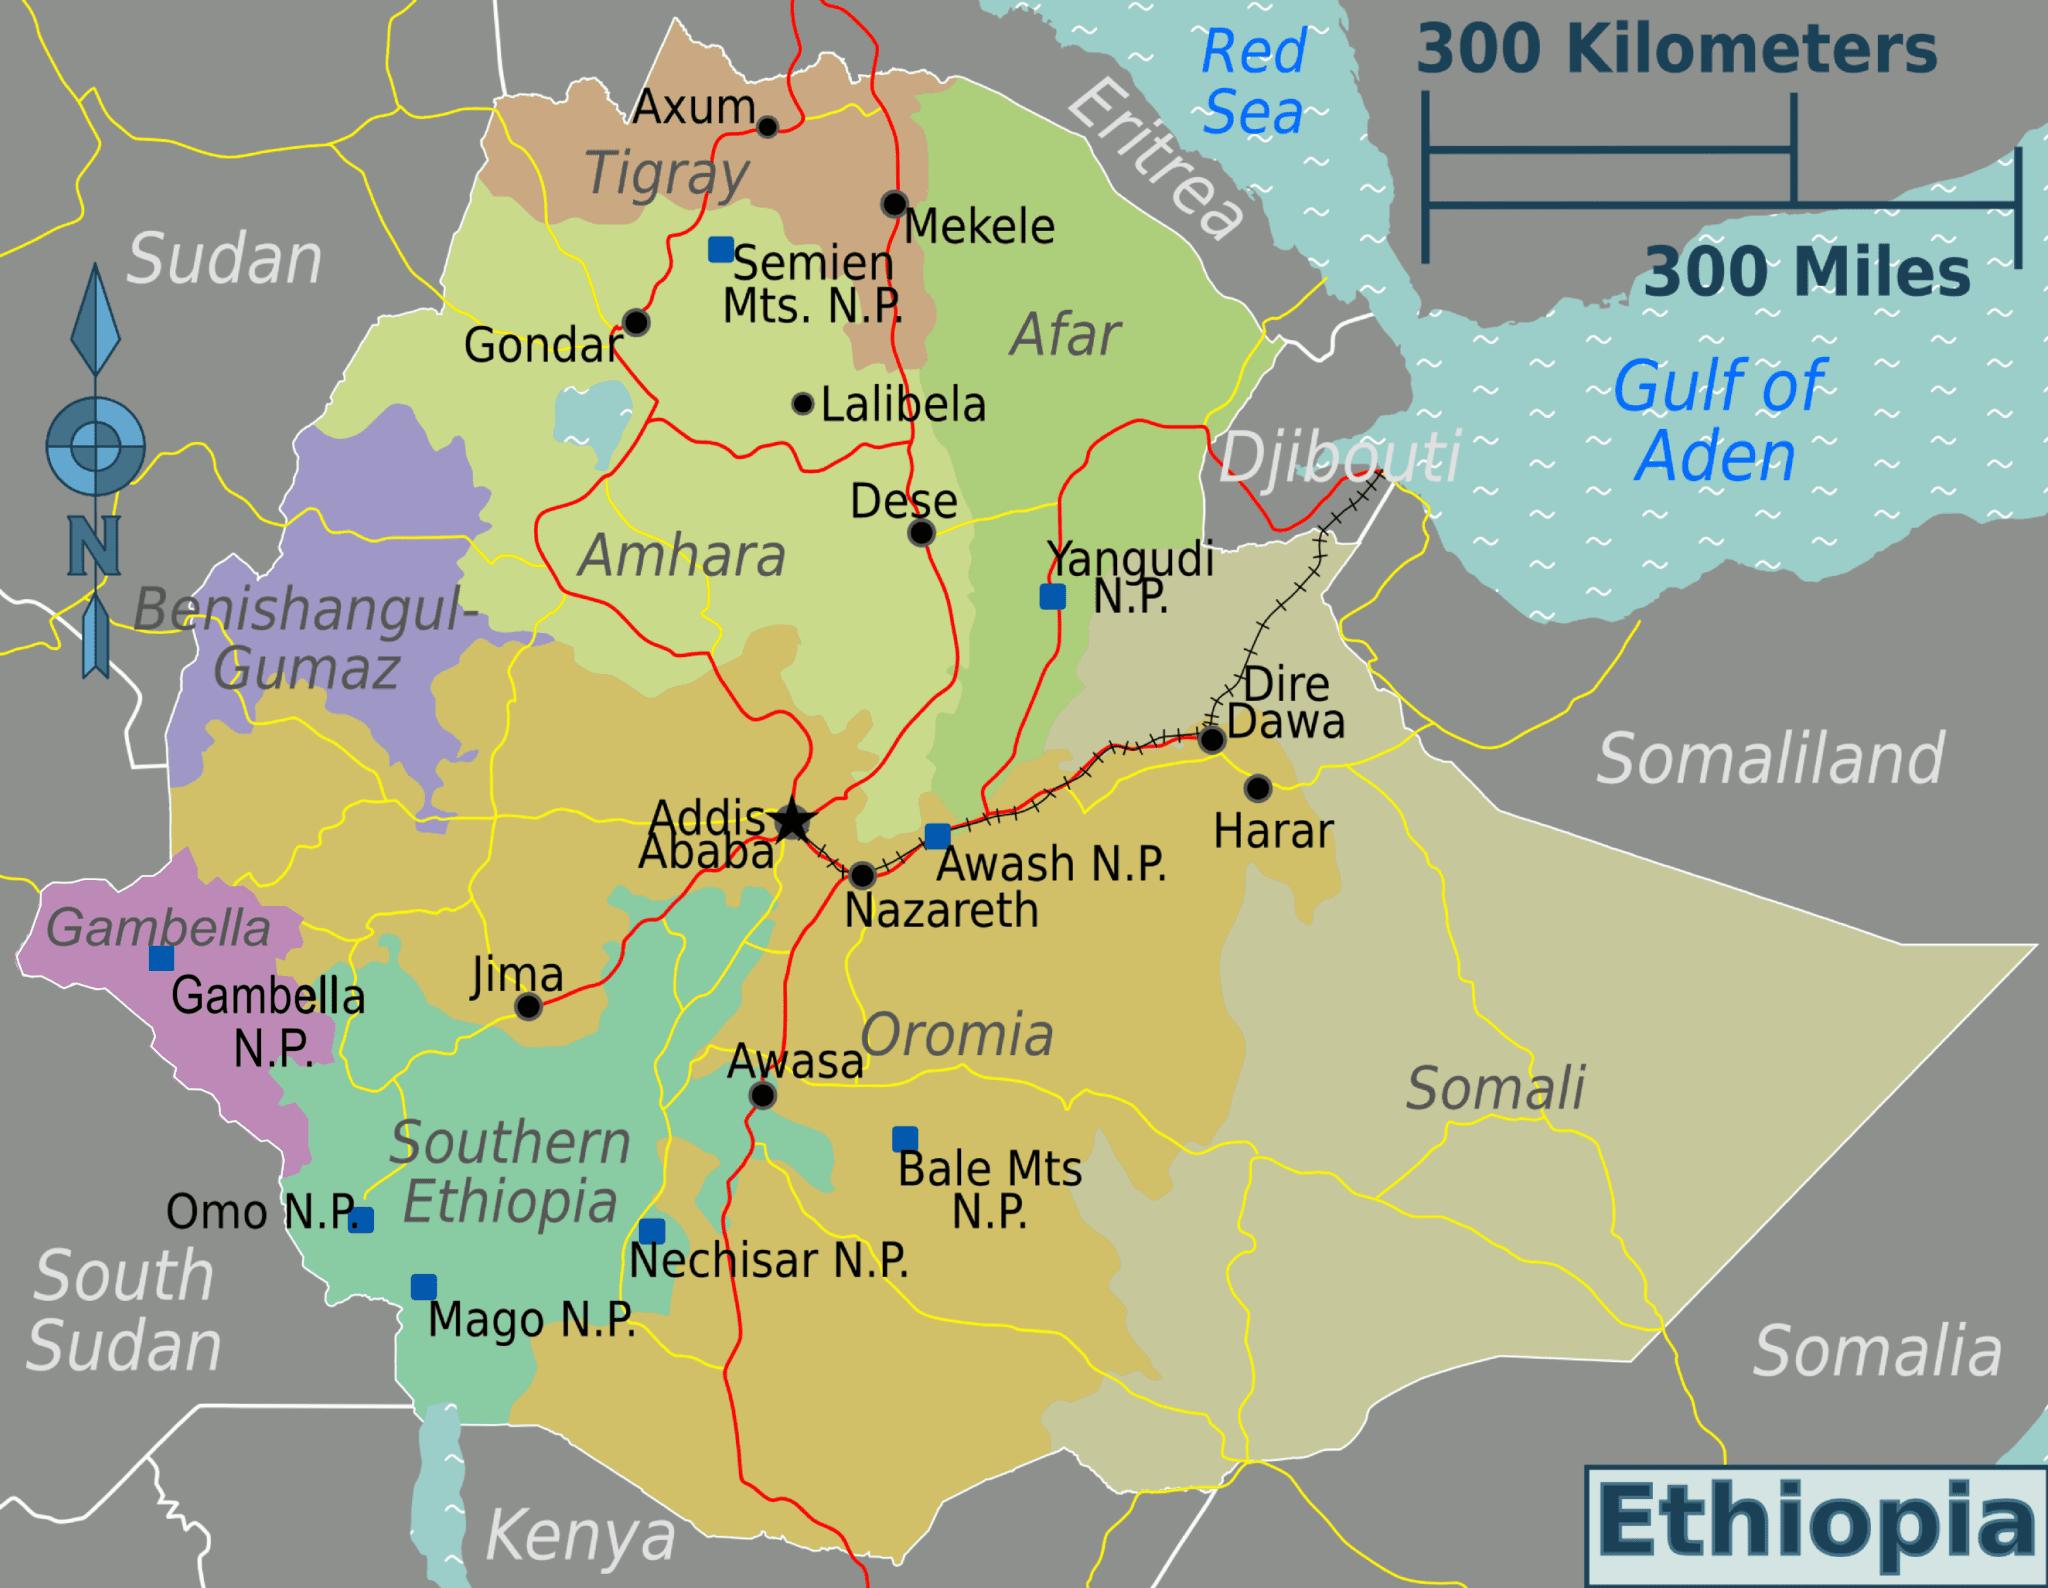 La regione di Gambella si trova in terra etiope al confine sud occidentale con il Sud Sudan, a circa 50 km dalla capitale Addis Abeba